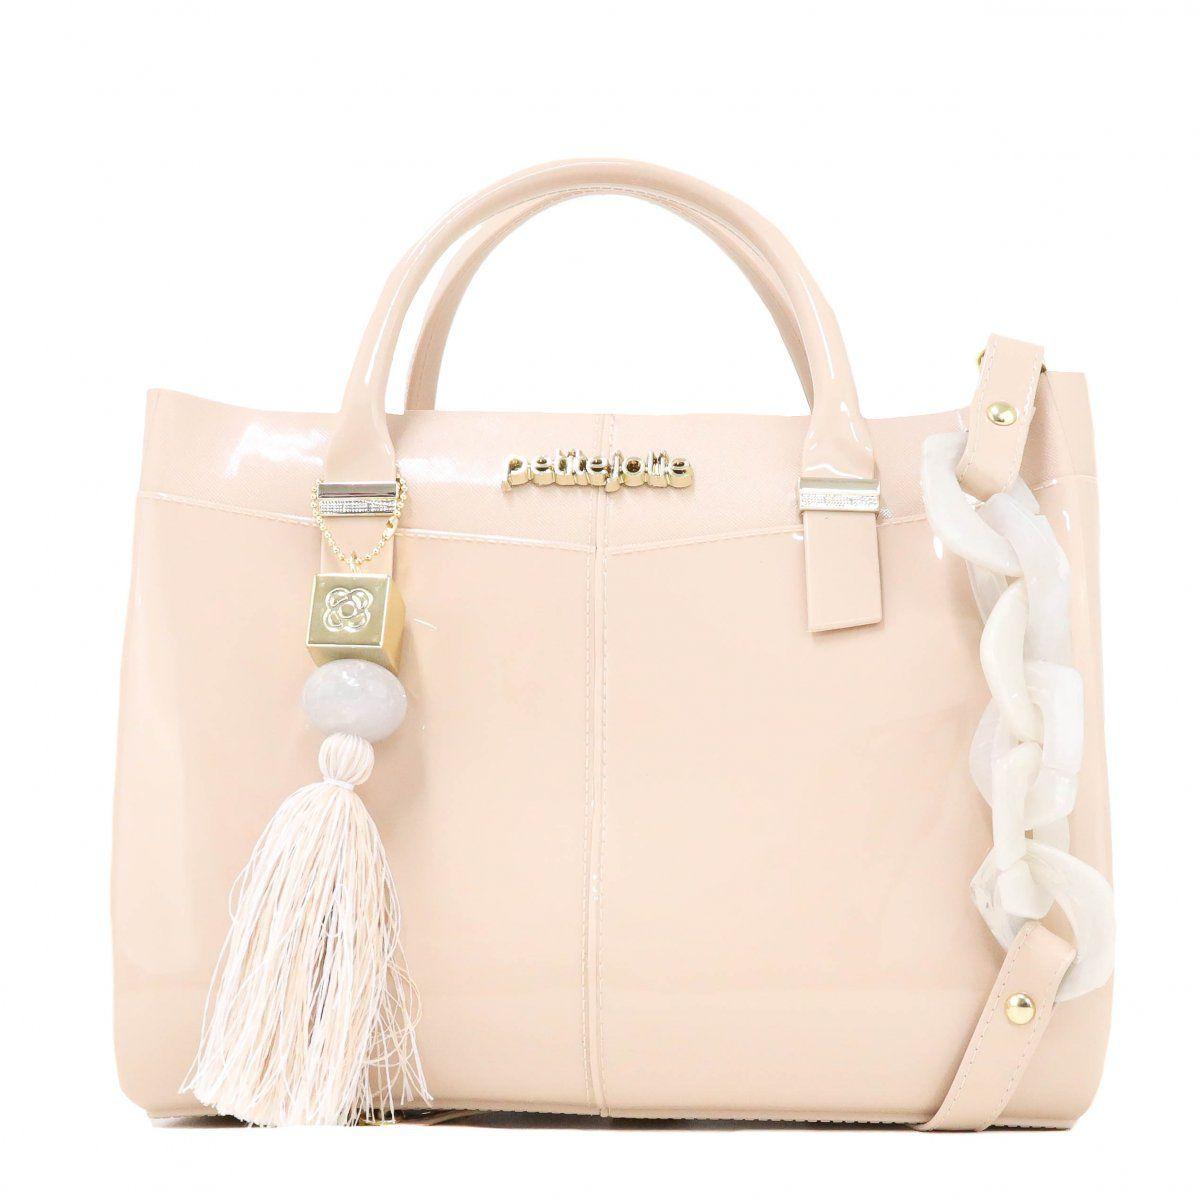 86a3fb2356 Bolsa Petite Jolie Worky Bag PJ3799 - Prime Bolsas ...